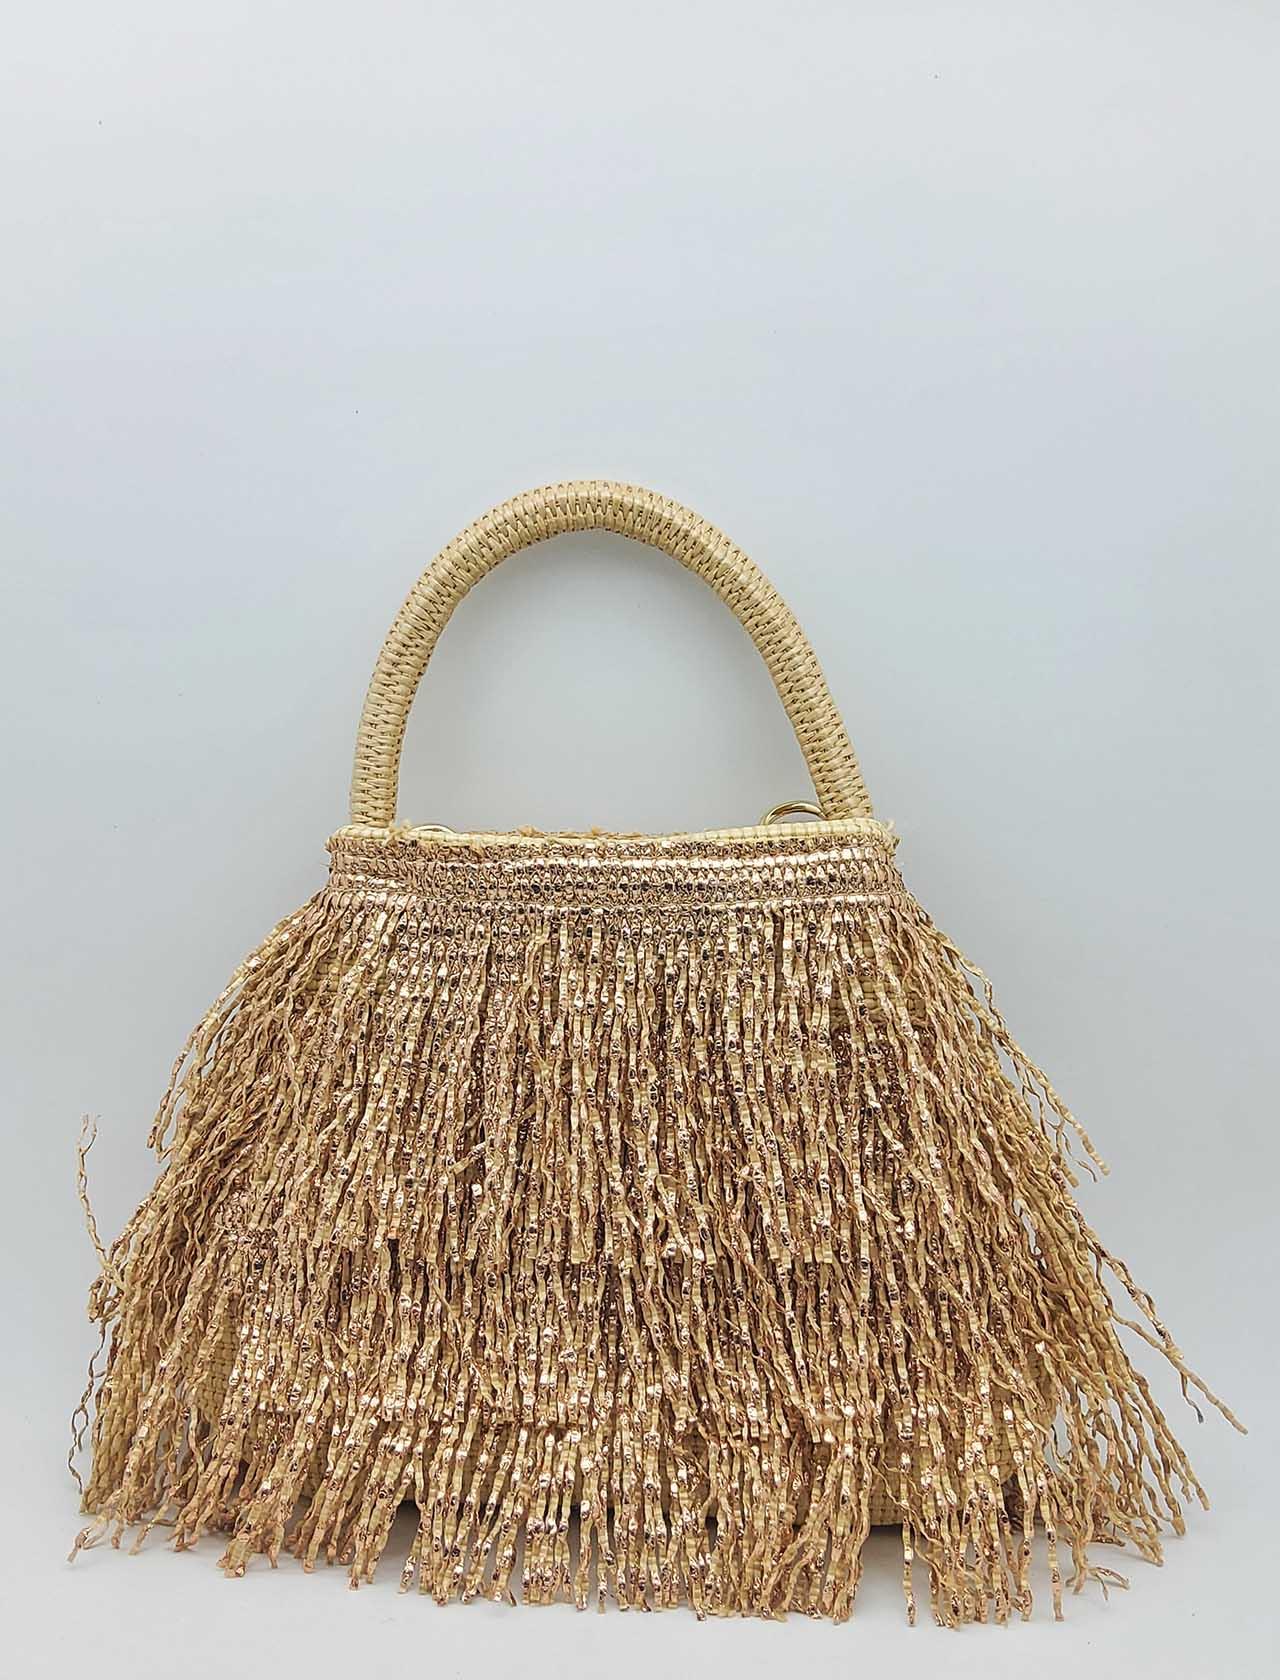 Borsa Donna a Piccola in Frange Effetto Glitter in Colore Nude con Manico a Mano e Tracolla in Tessuto Removibile Via Mail Bag | Borse e zaini | GLITTERG02